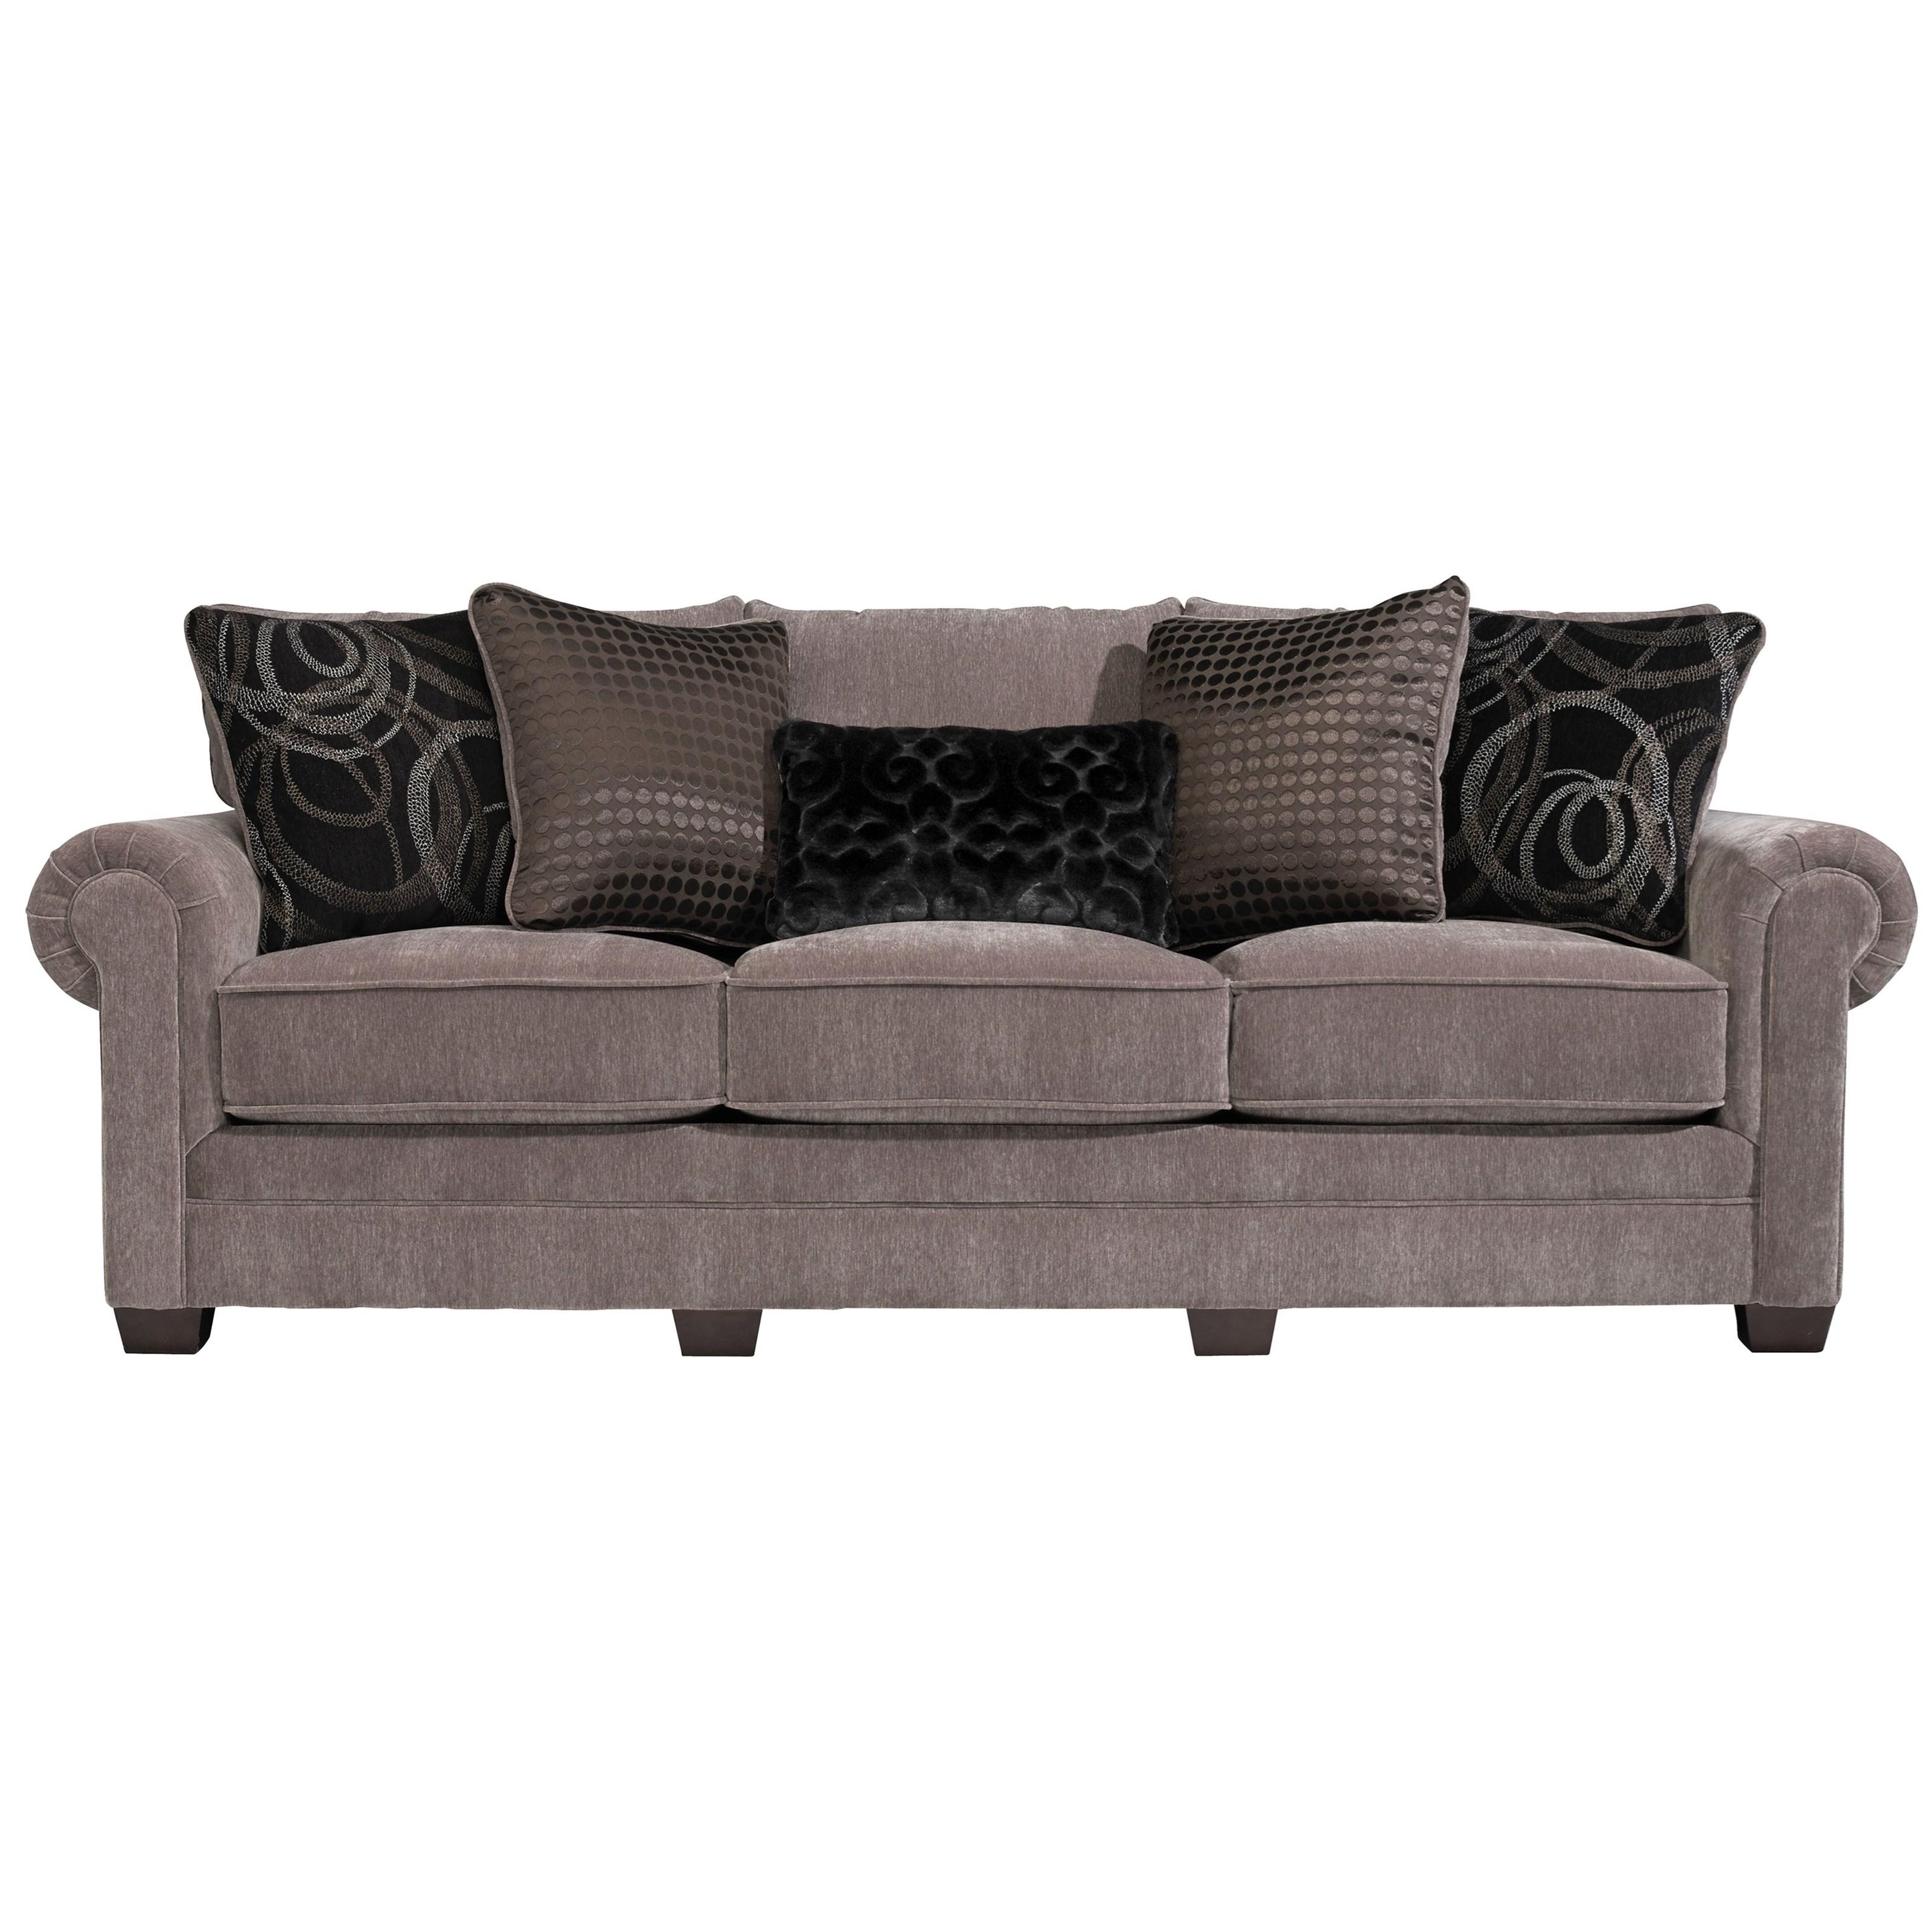 Austin Sofa by Jackson Furniture at Lapeer Furniture & Mattress Center